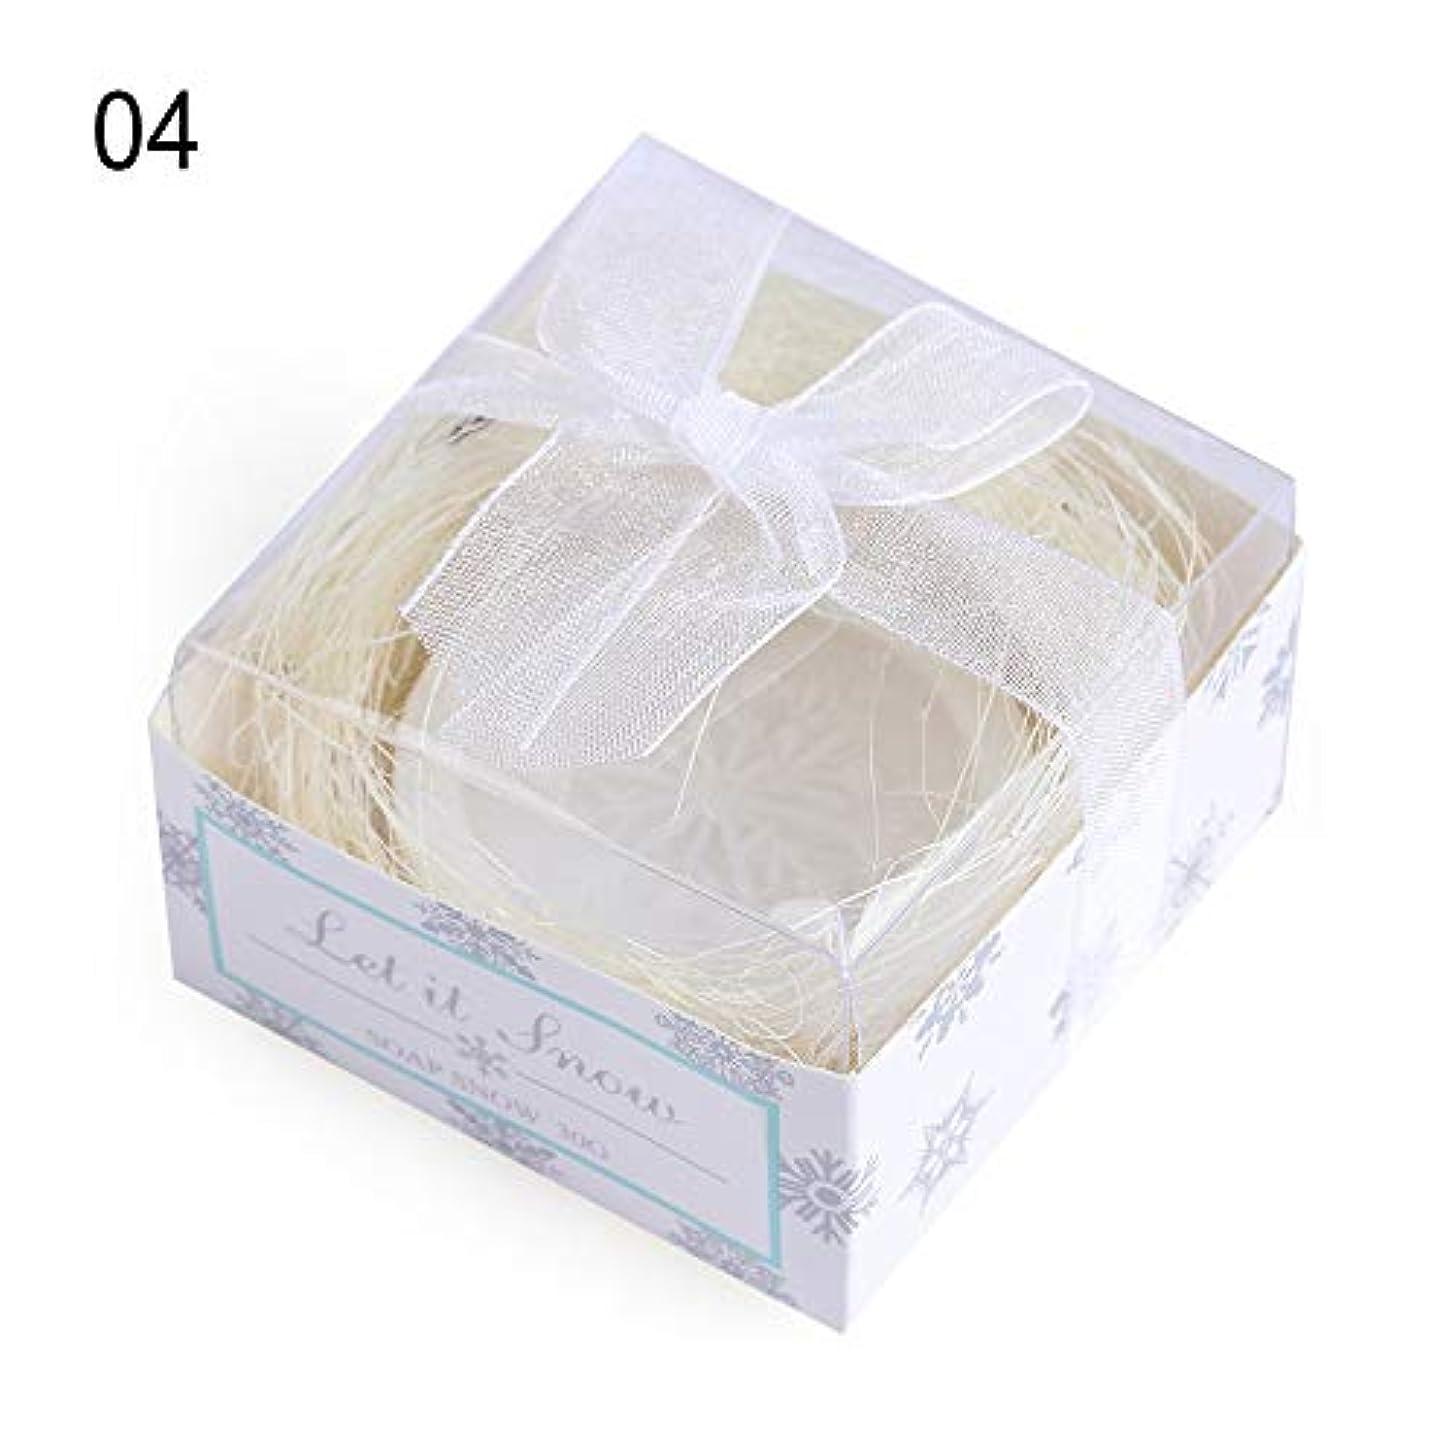 インデックスステートメント同様に手作り石鹸ミニ様々なファッション形状デザイン浴室石鹸結婚式パーティーハンドギフト